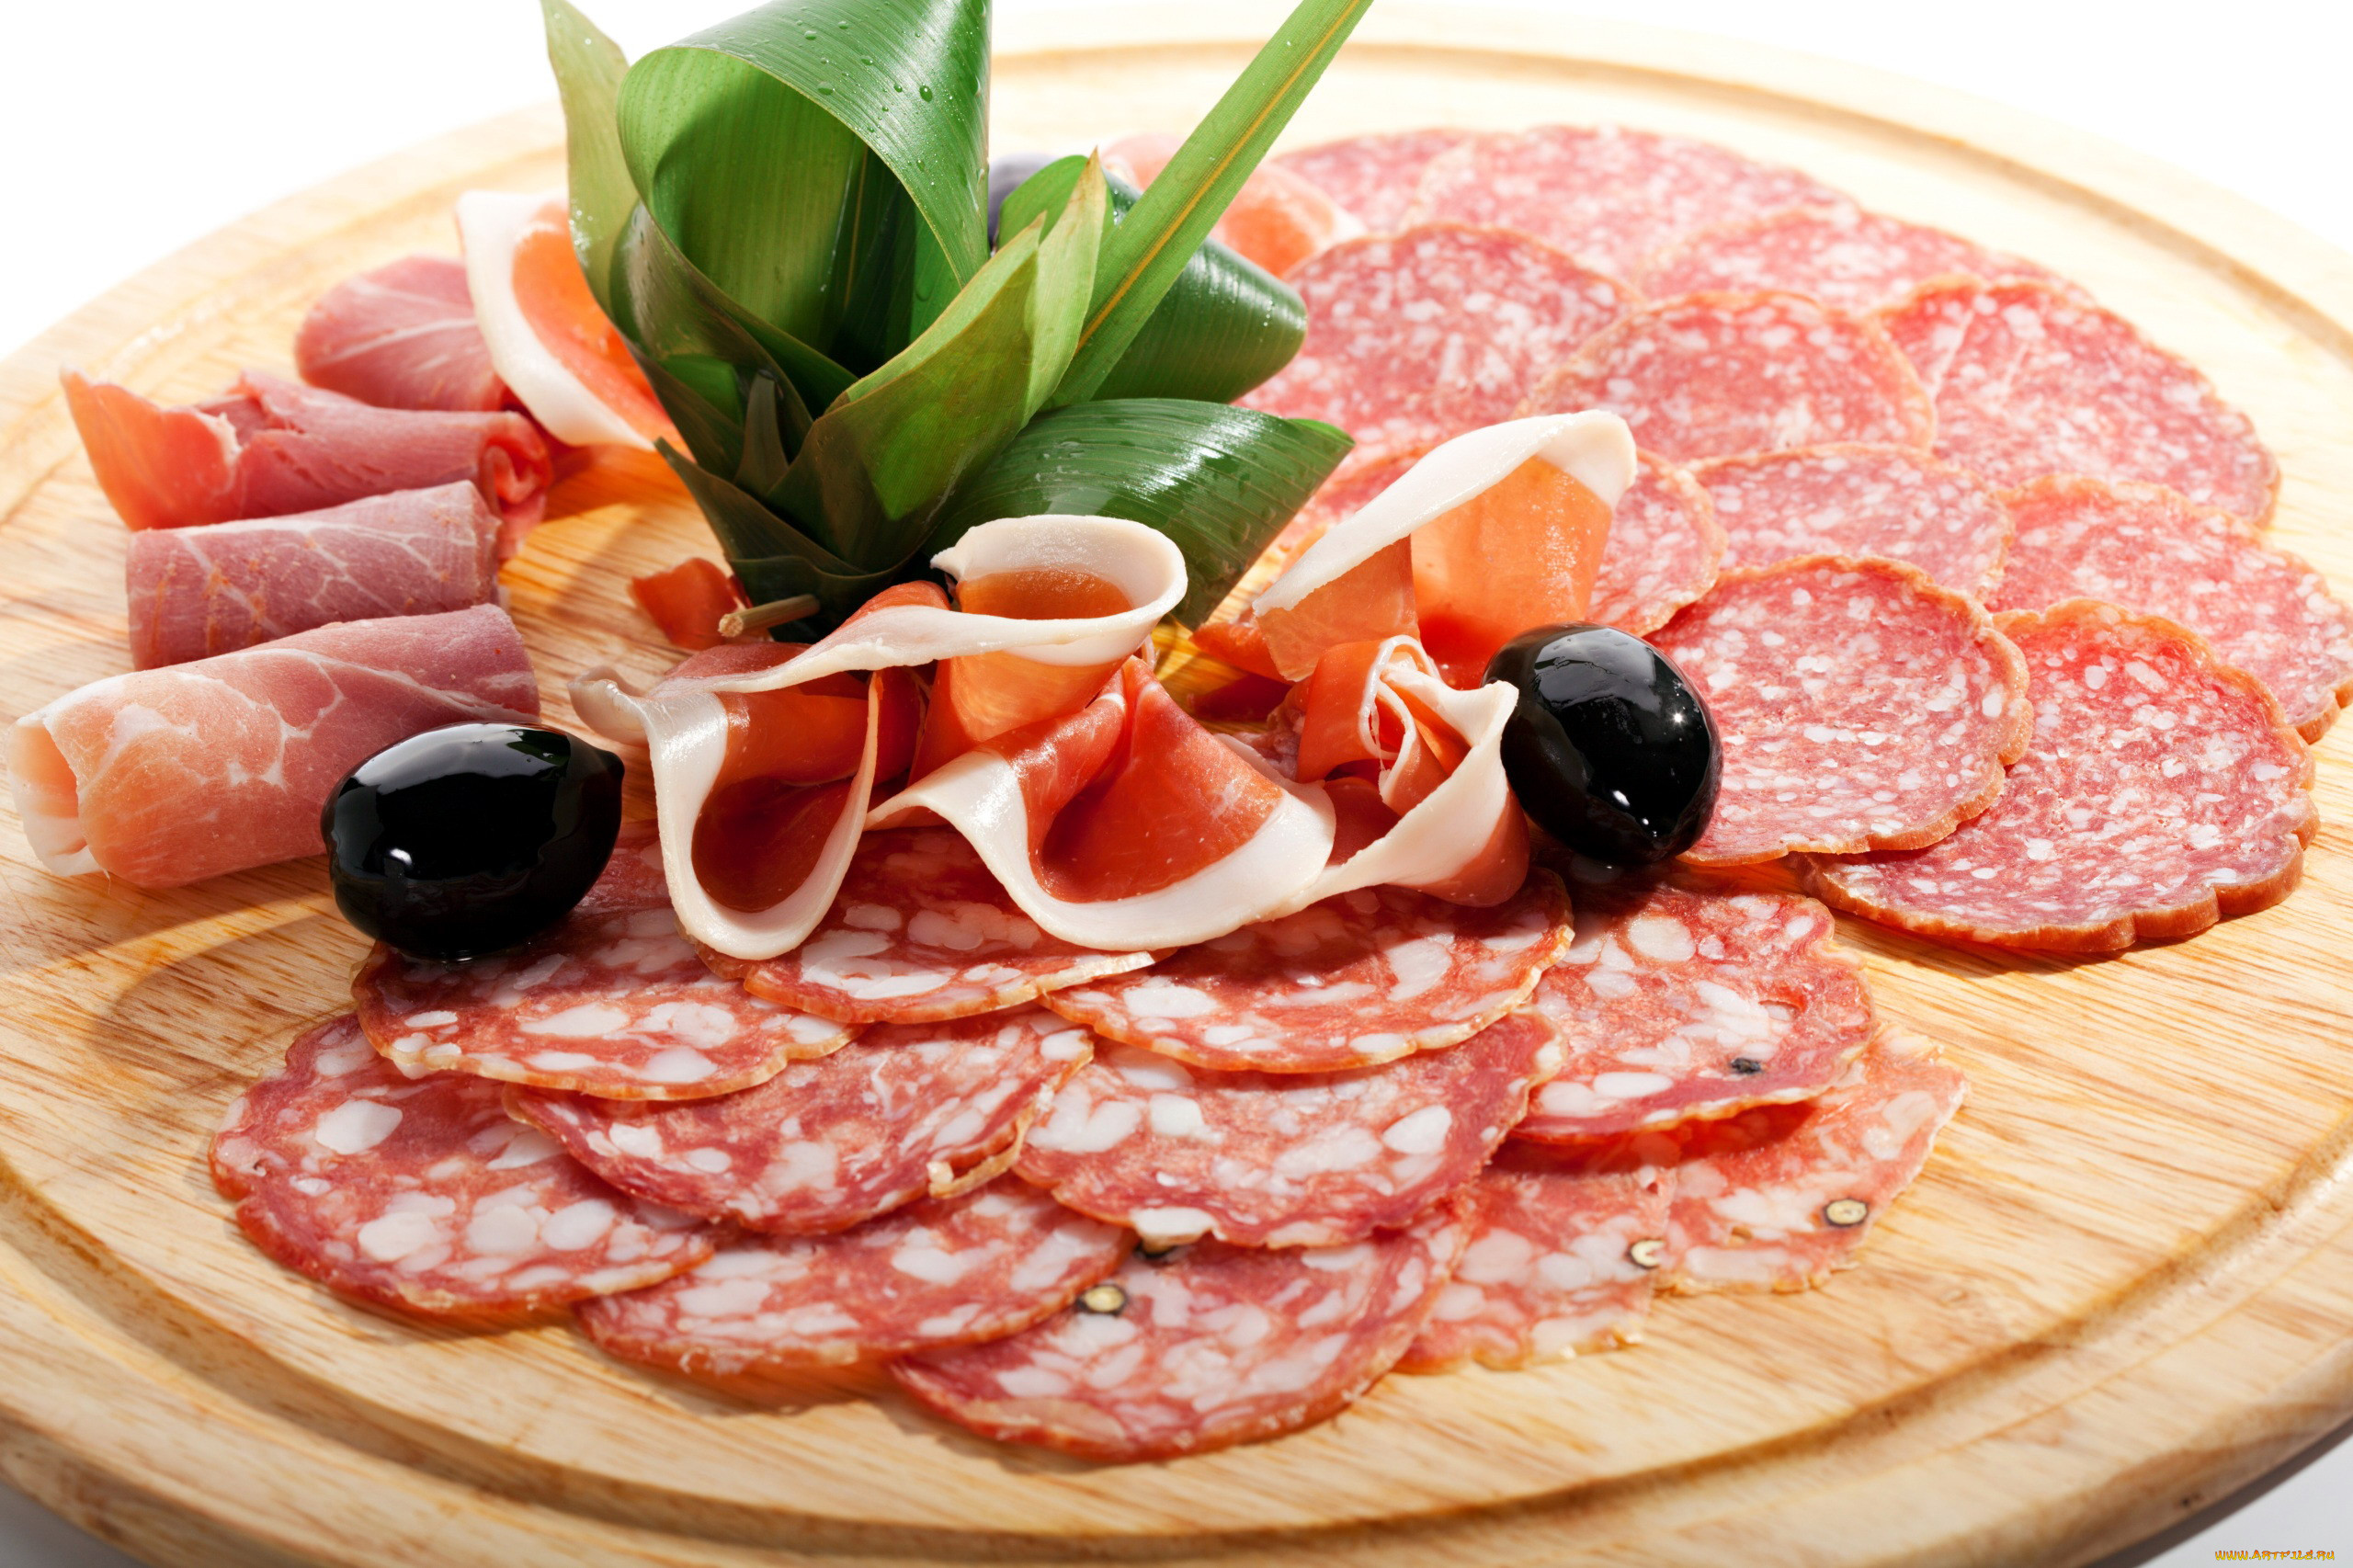 отметила, нарезка колбас и сыров красиво в картинках наблюдали ними, реально